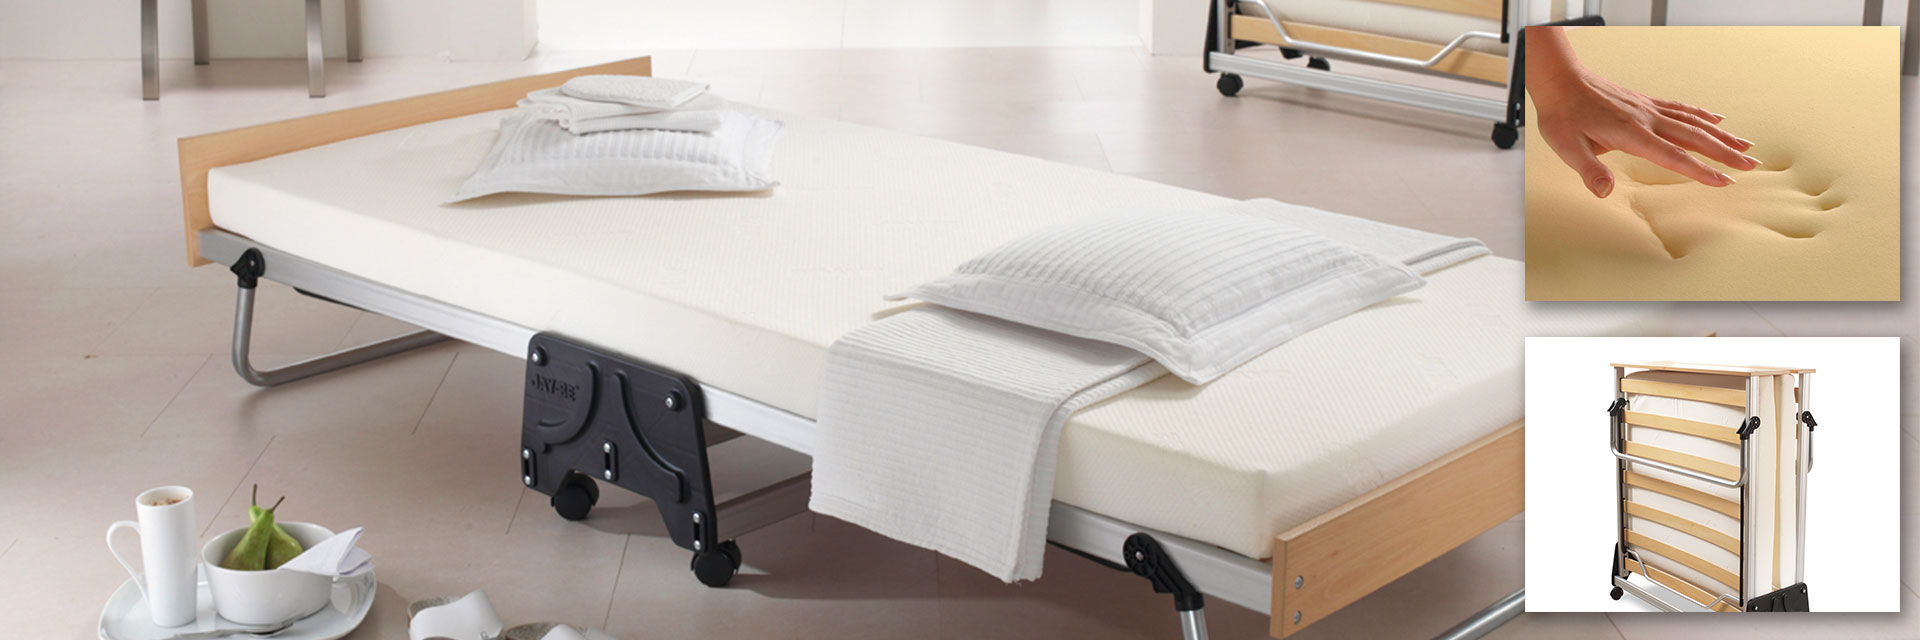 lits pliants par jaybe les meilleurs lits d 39 h tes dans le monde. Black Bedroom Furniture Sets. Home Design Ideas